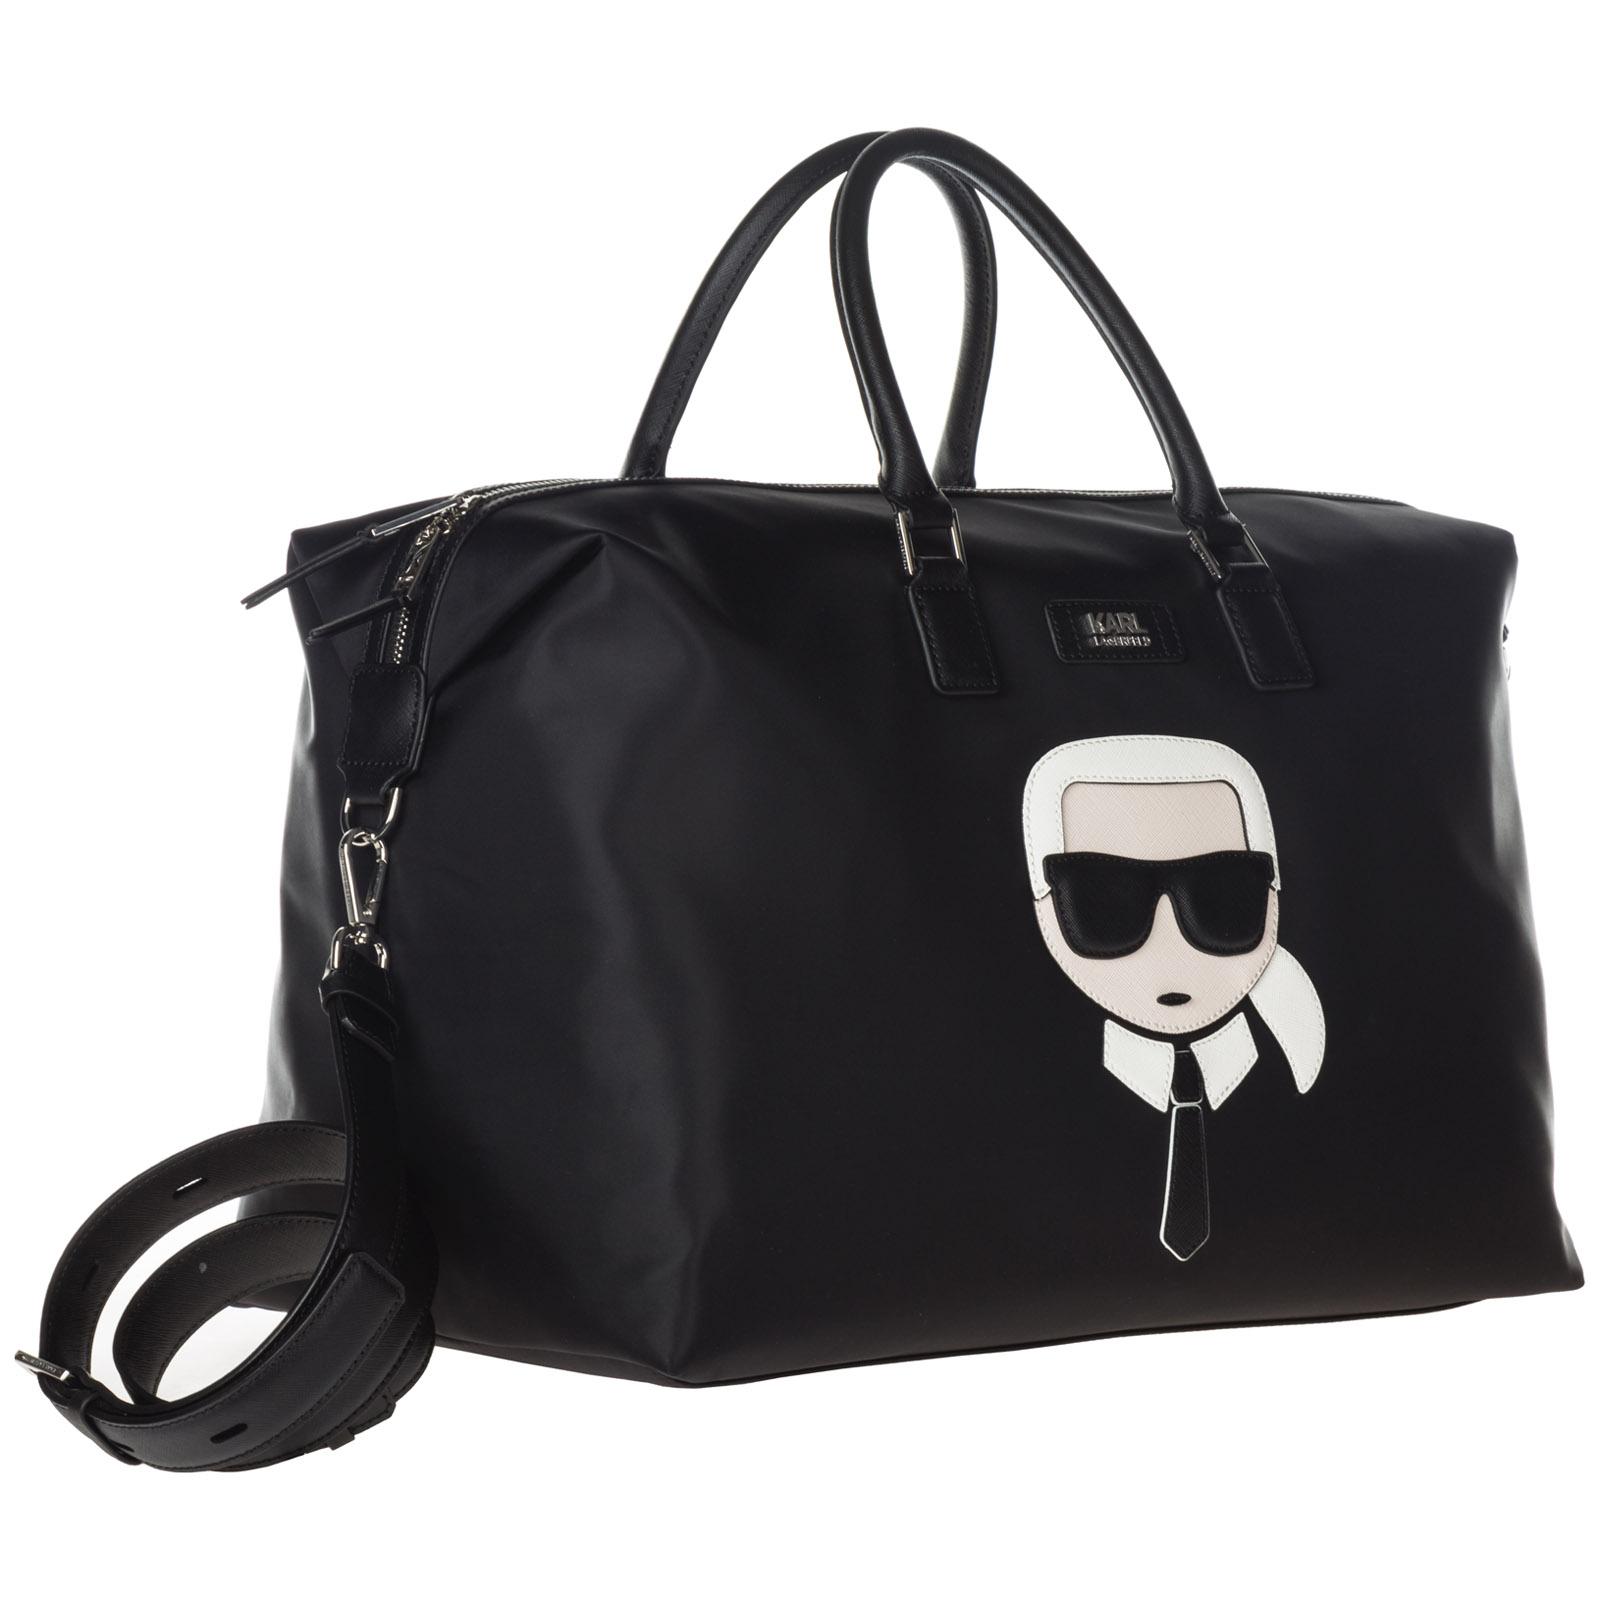 Travel duffle weekend shoulder bag k/ikonik